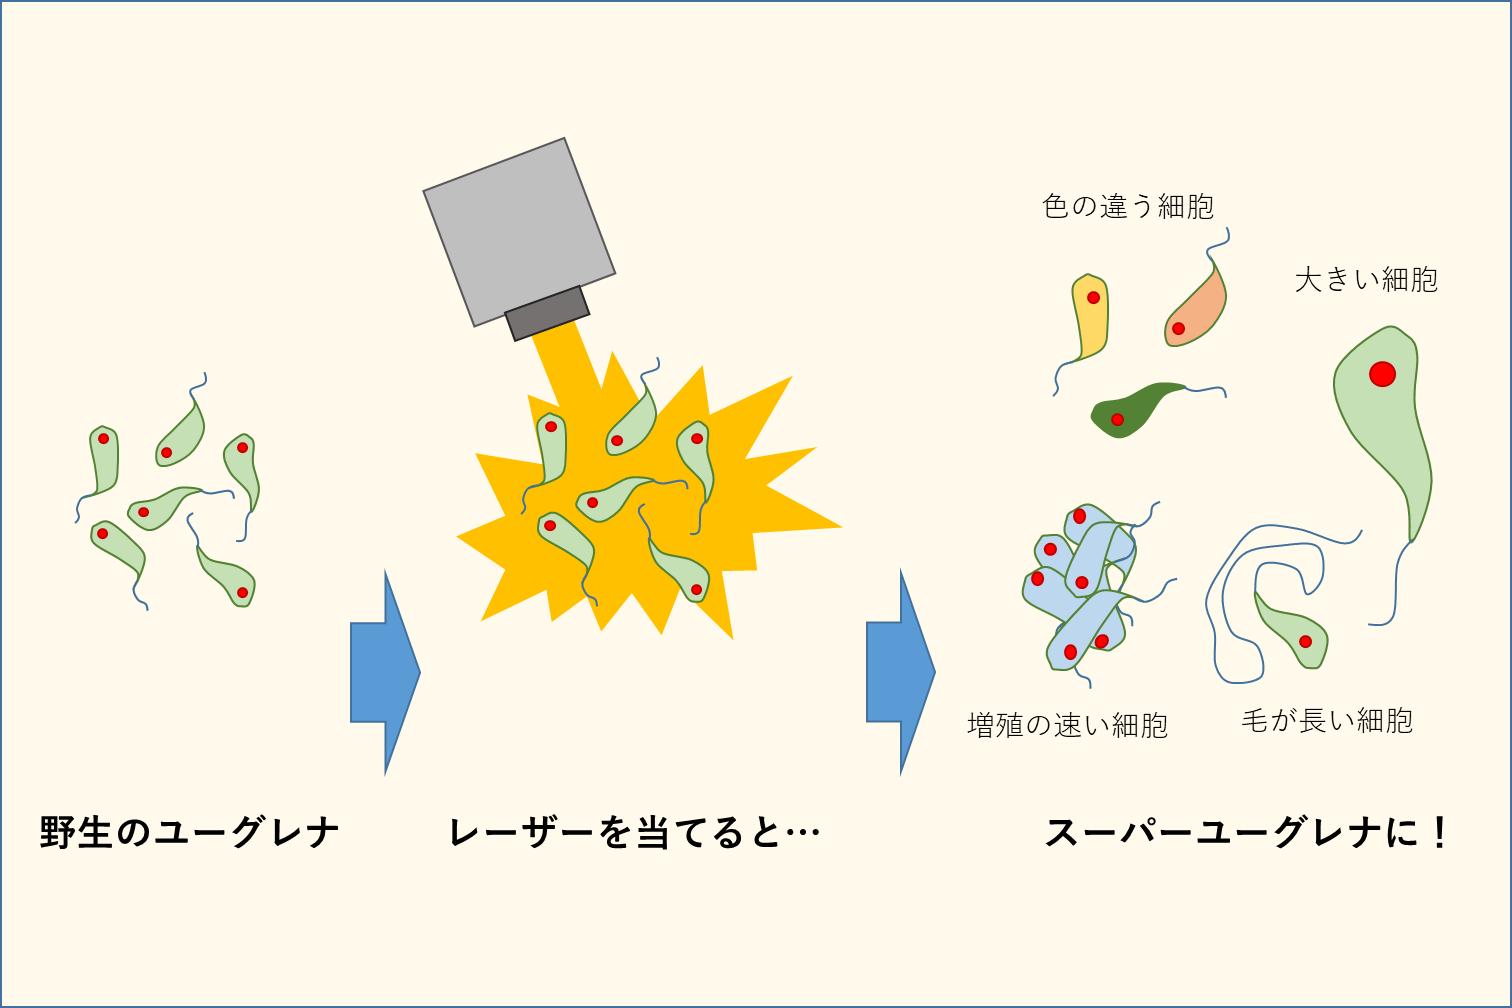 【研究紹介】ユーグレナの品種改良